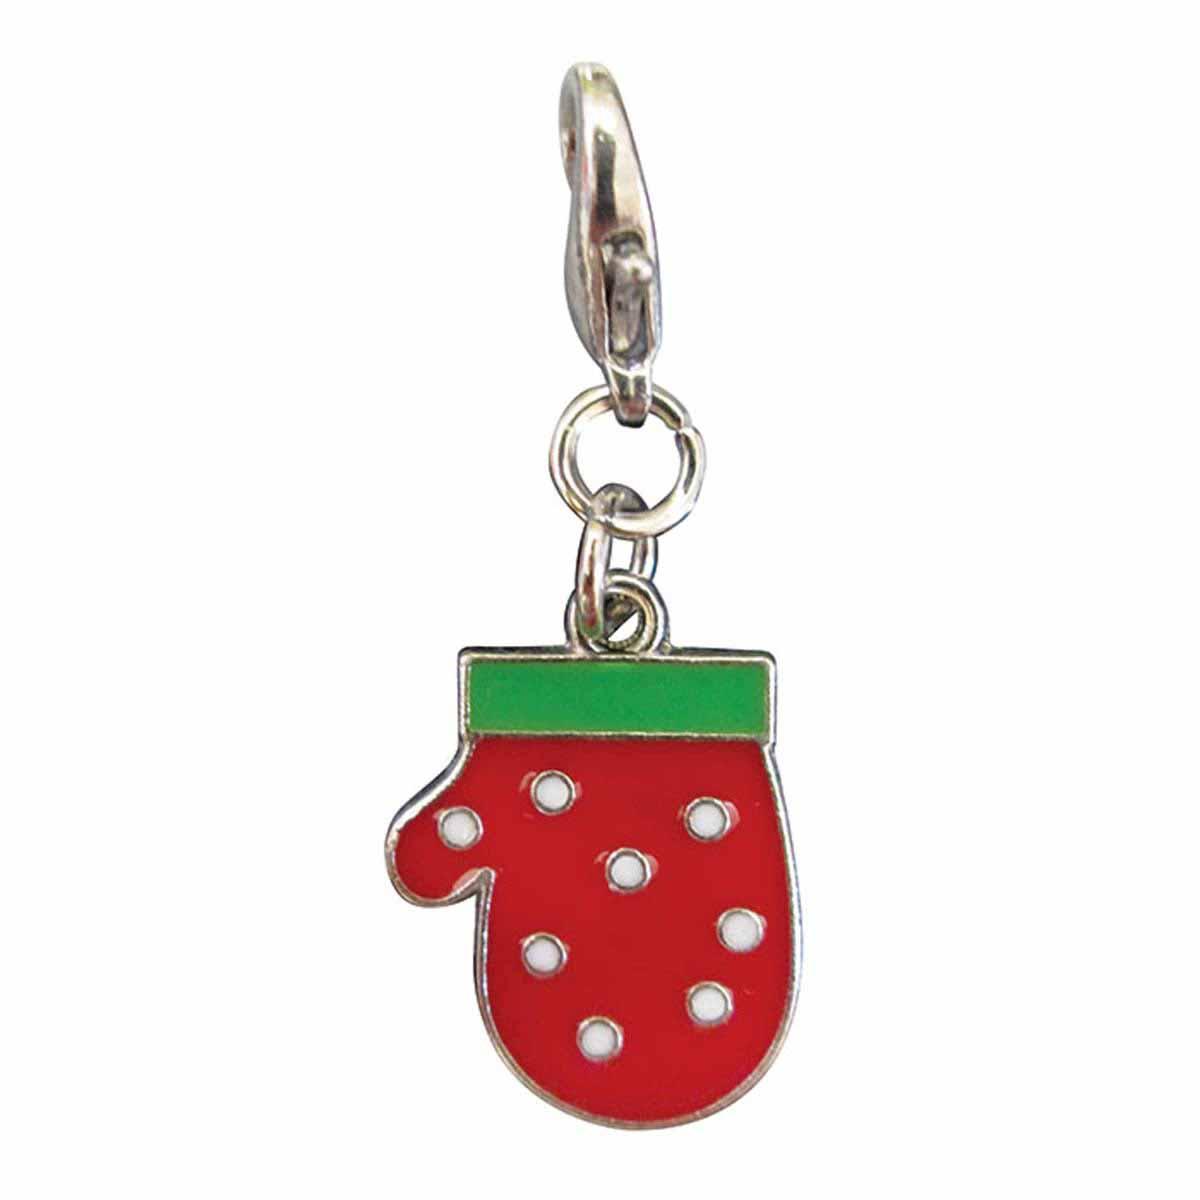 Polka Dots Mitten Enamel Dog Collar Charm by Klippo